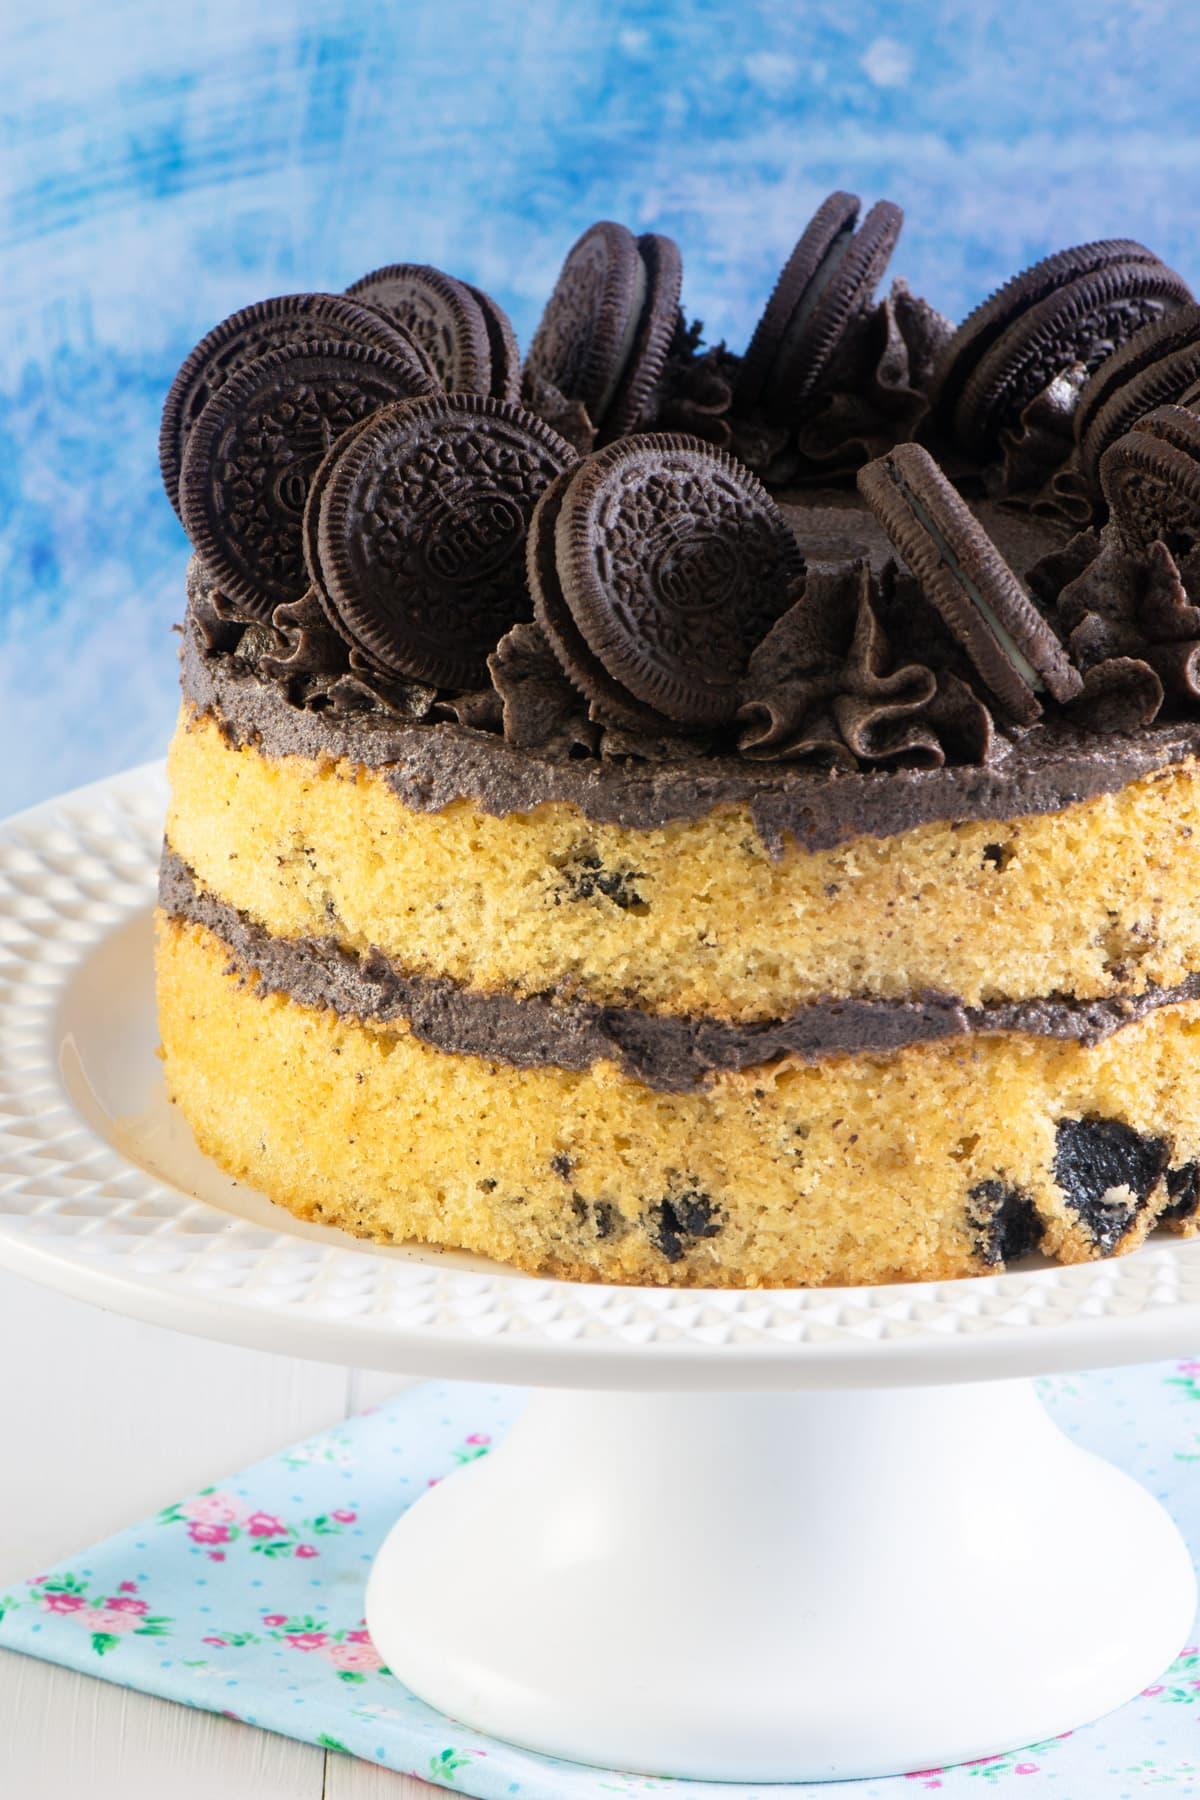 Oreo cake on a plate